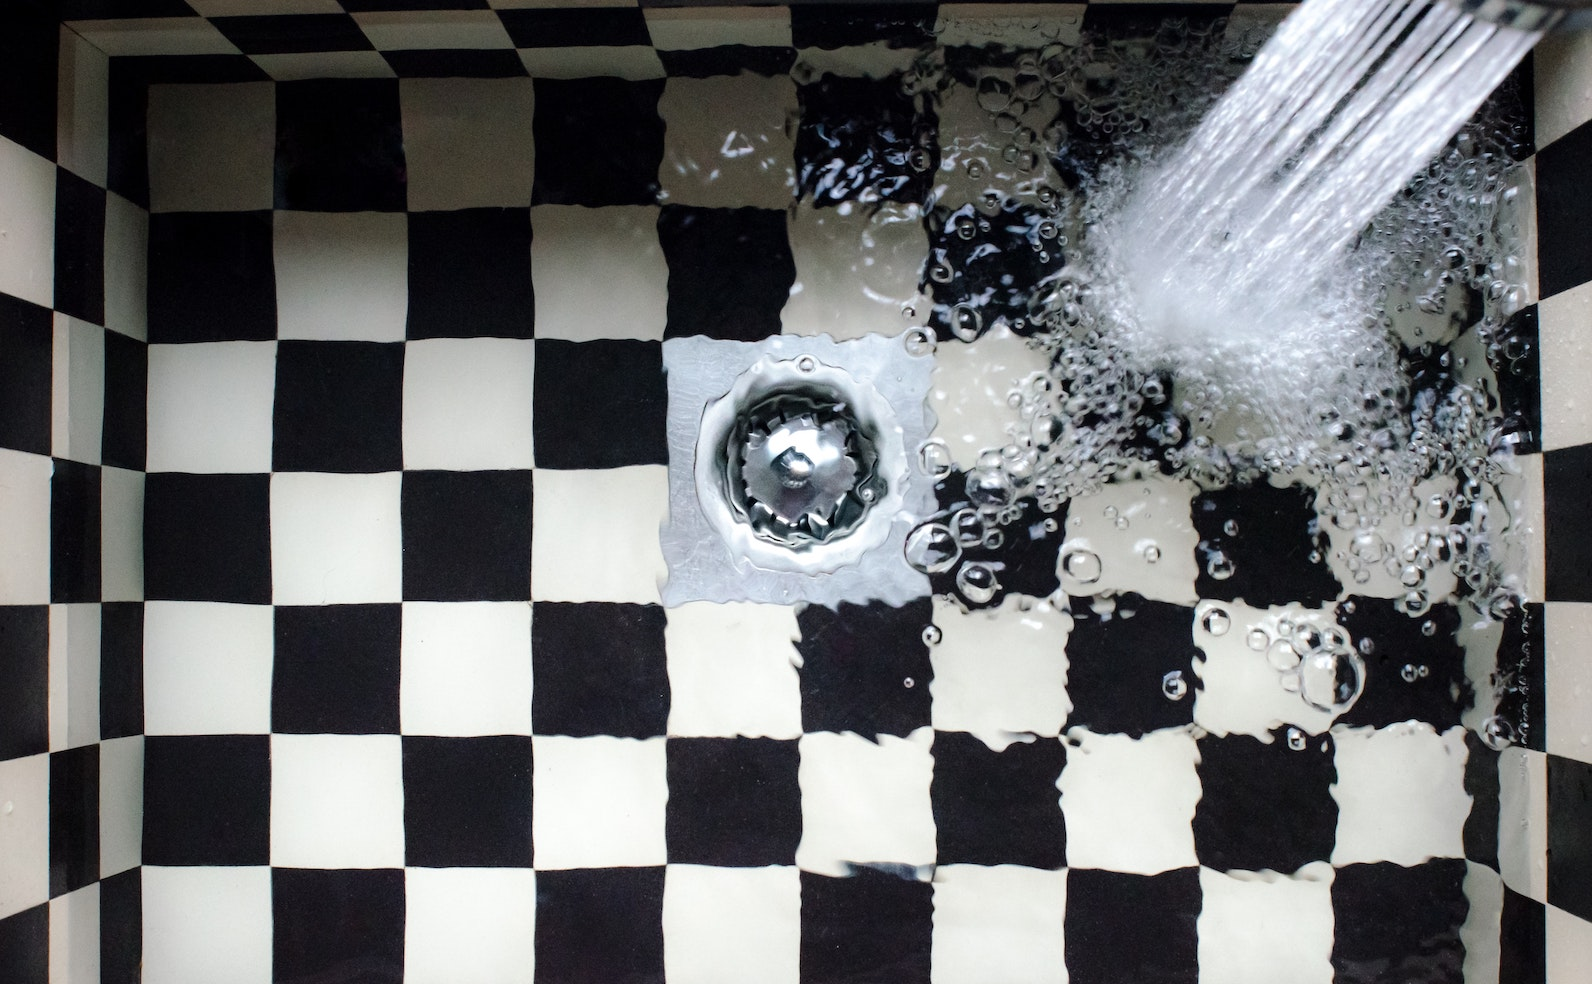 Wasserschaden im Bad Was tun Sofortmaßnahmen – Badratgeber.com